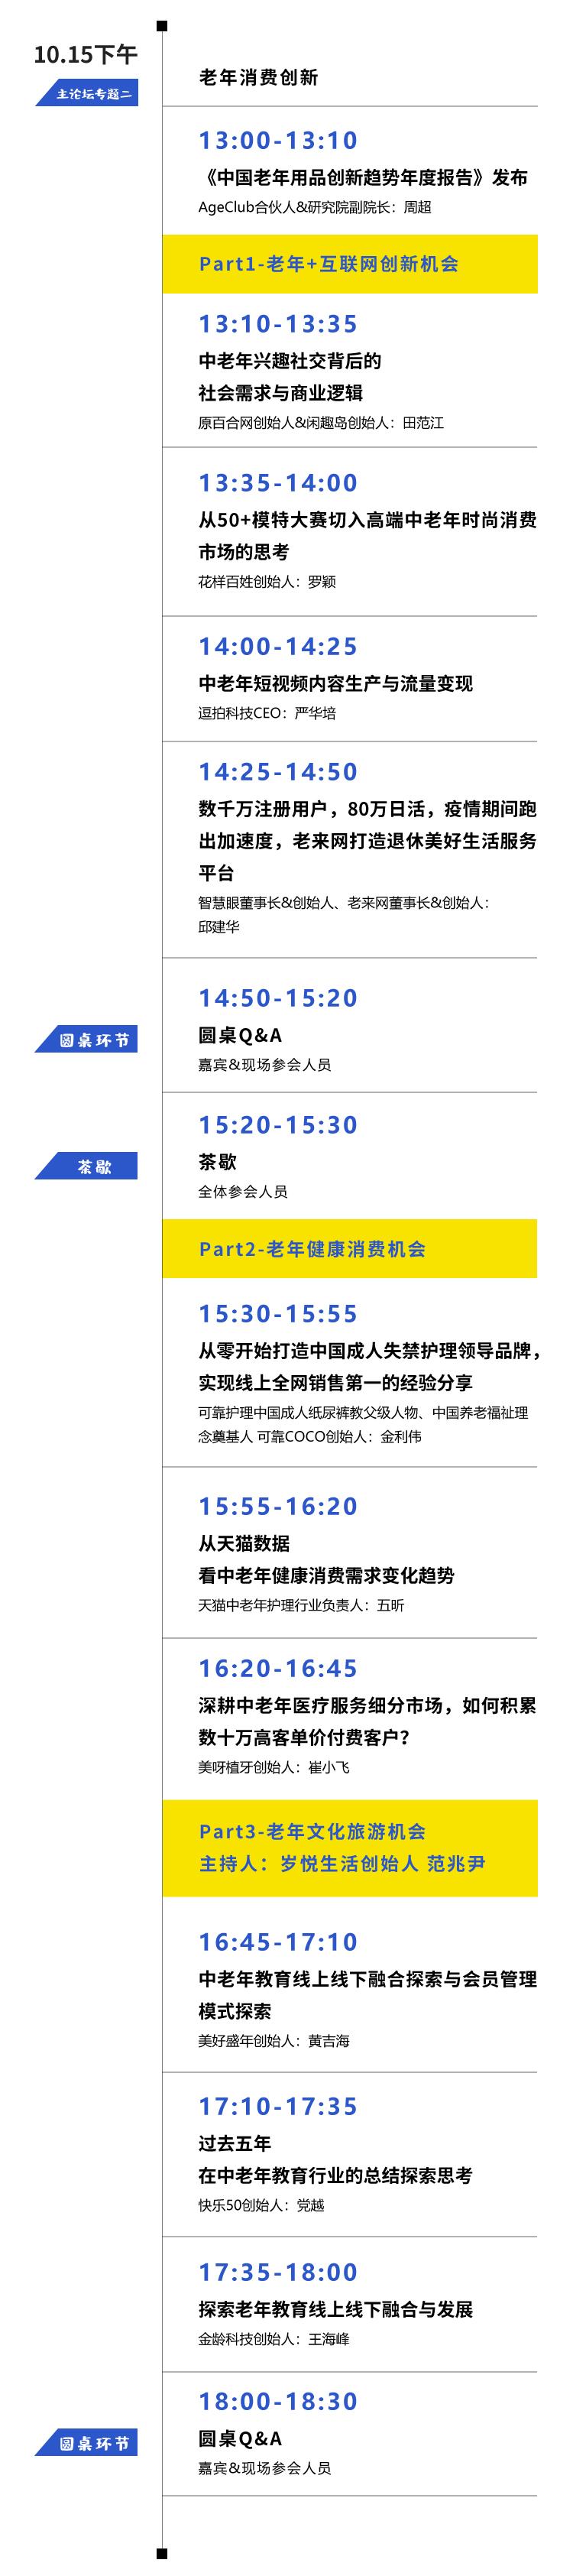 ABI2021 · 第三届中国老年产业商业创新大会中国老年产业商业机会前瞻(2020-2021&养老行业盛会)